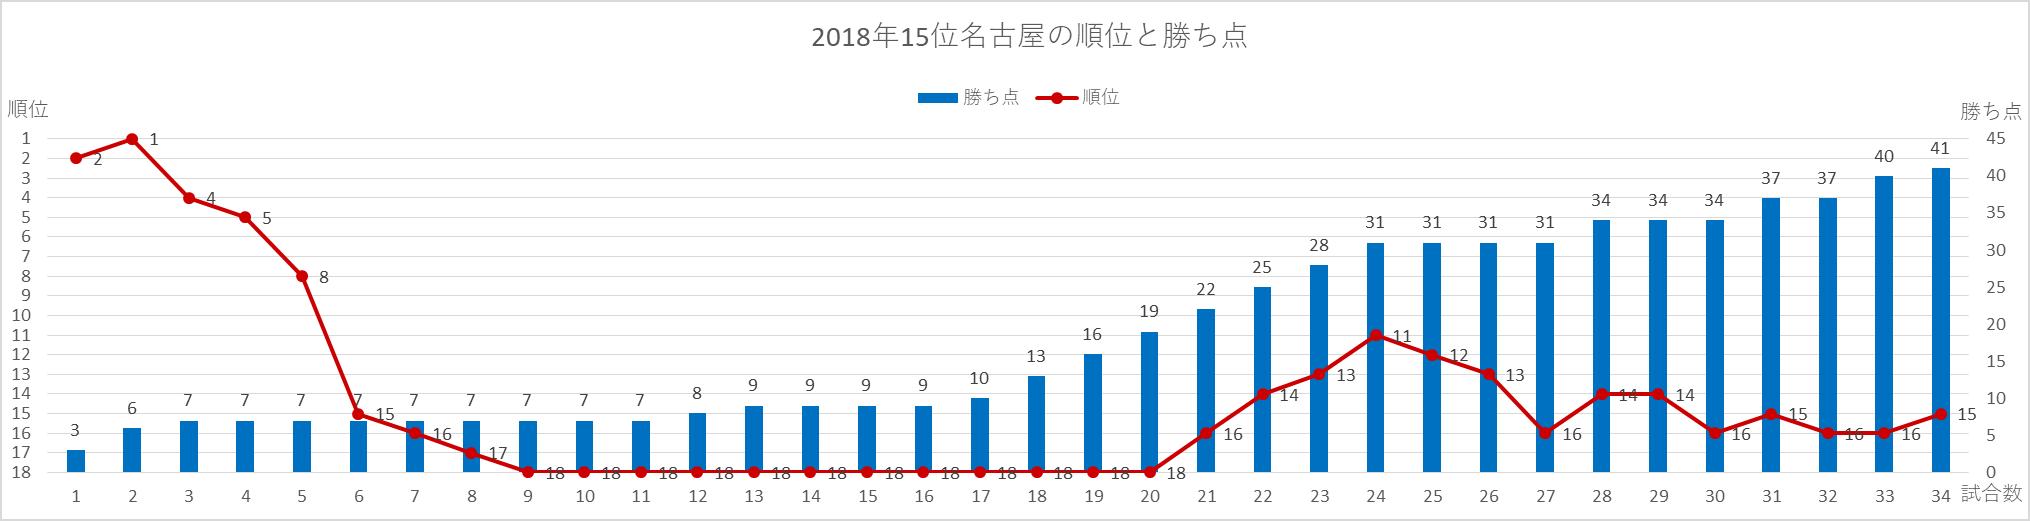 2018年名古屋の順位と勝ち点の推移